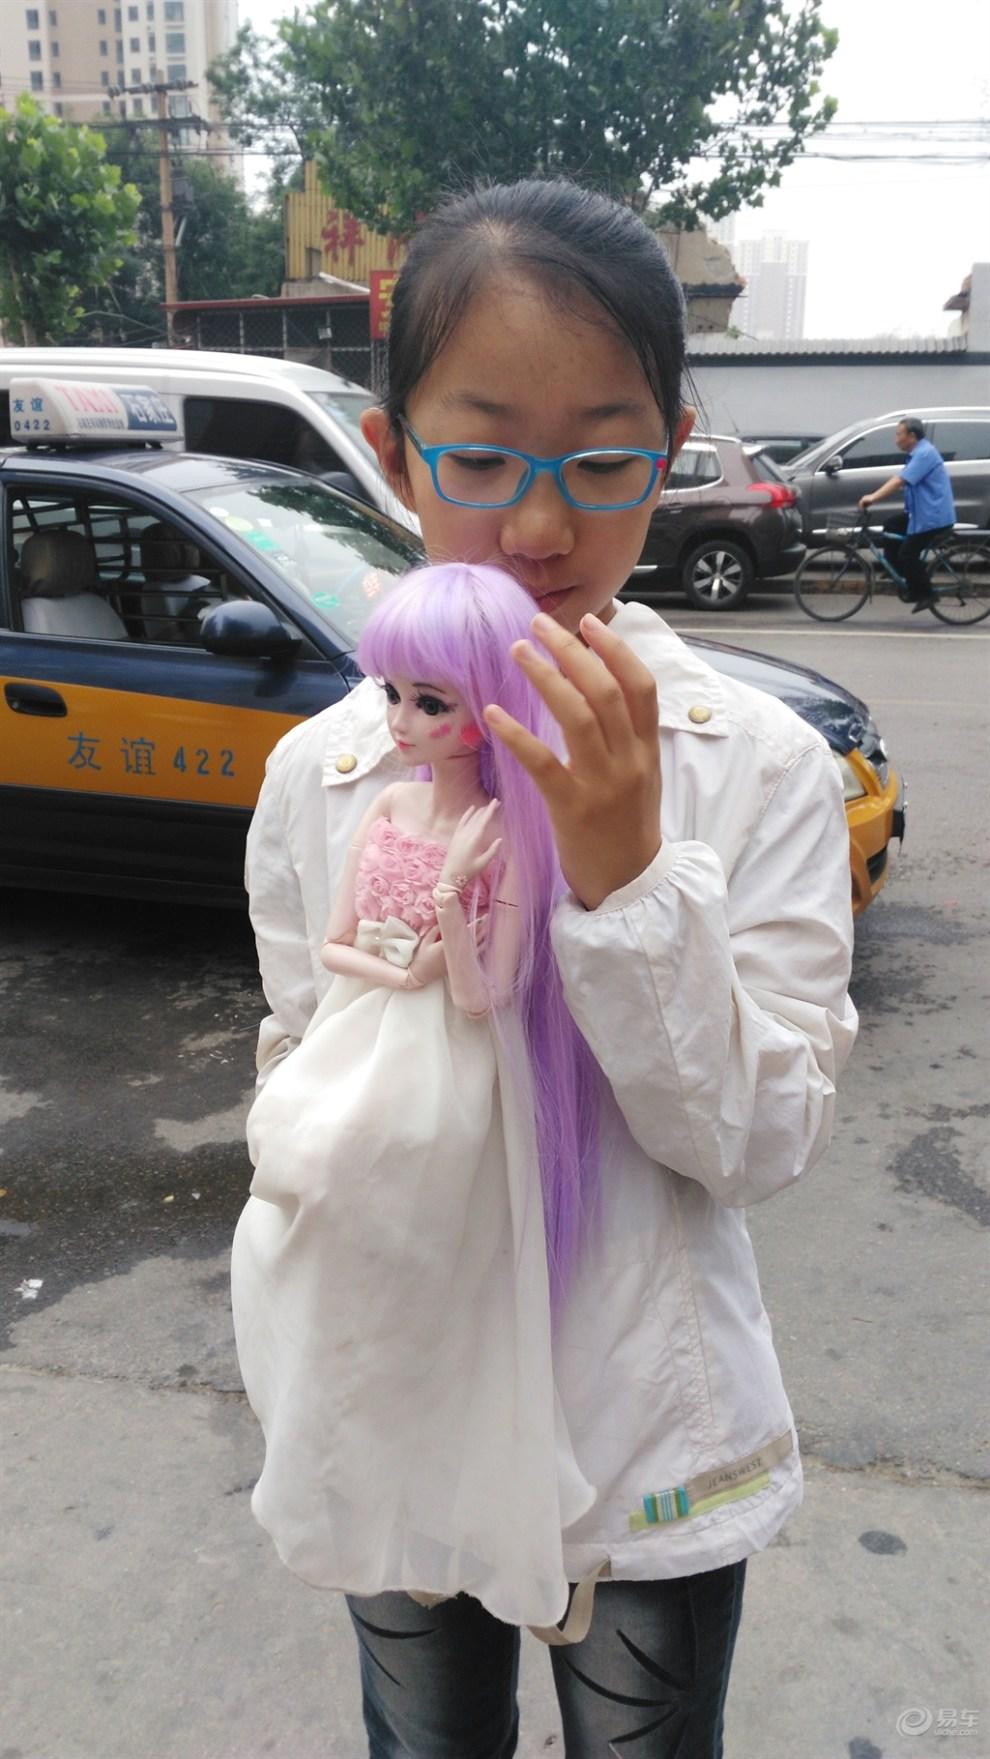 【【爱劳动要快乐】女儿带着叶罗丽出行】_超级宝贝图片